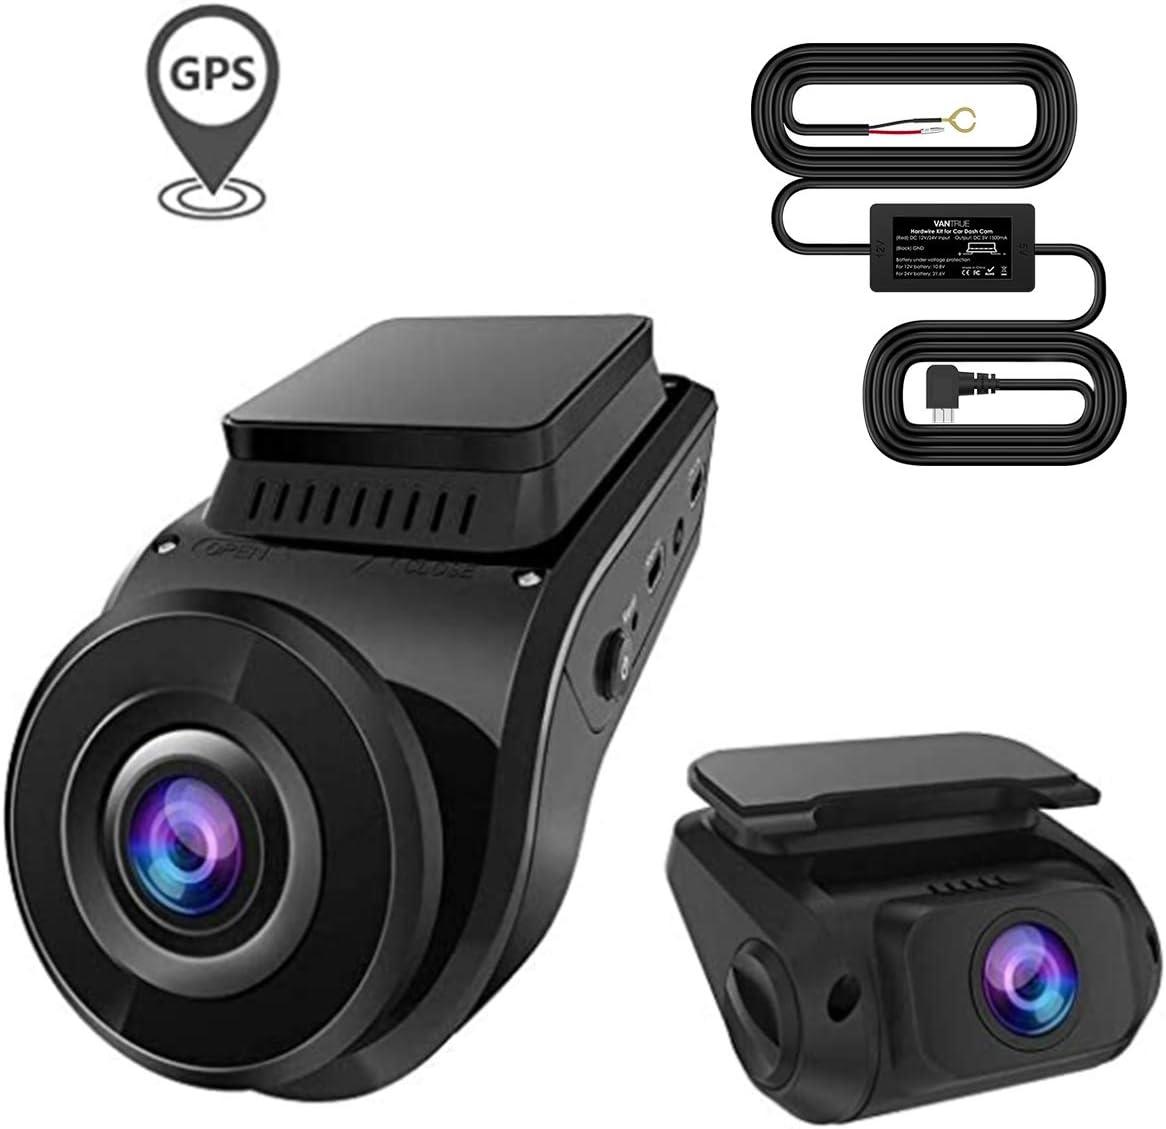 Bundle – 2 Items: Vantrue S1 Dual 1080P Front and Rear Dash Cam + Vantrue S1 10ft Mini USB Hdwirear